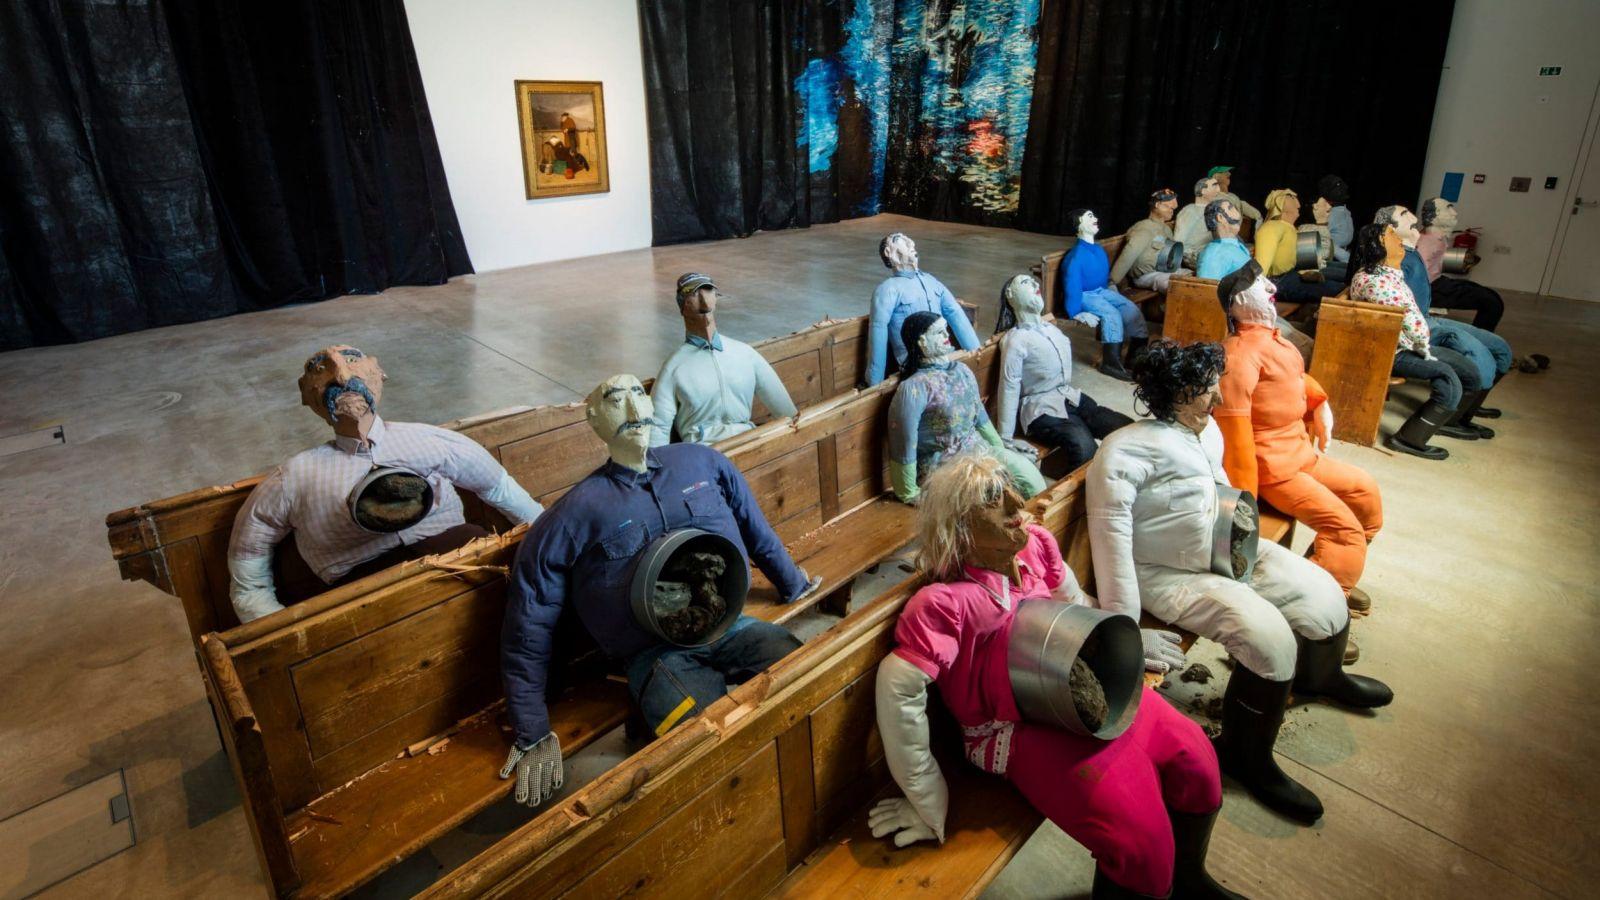 Βραβείο Τέρνερ: Δεν θα δοθεί φέτος – Προσφέρει όμως 10.000 λίρες σε 10 νέους καλλιτέχνες